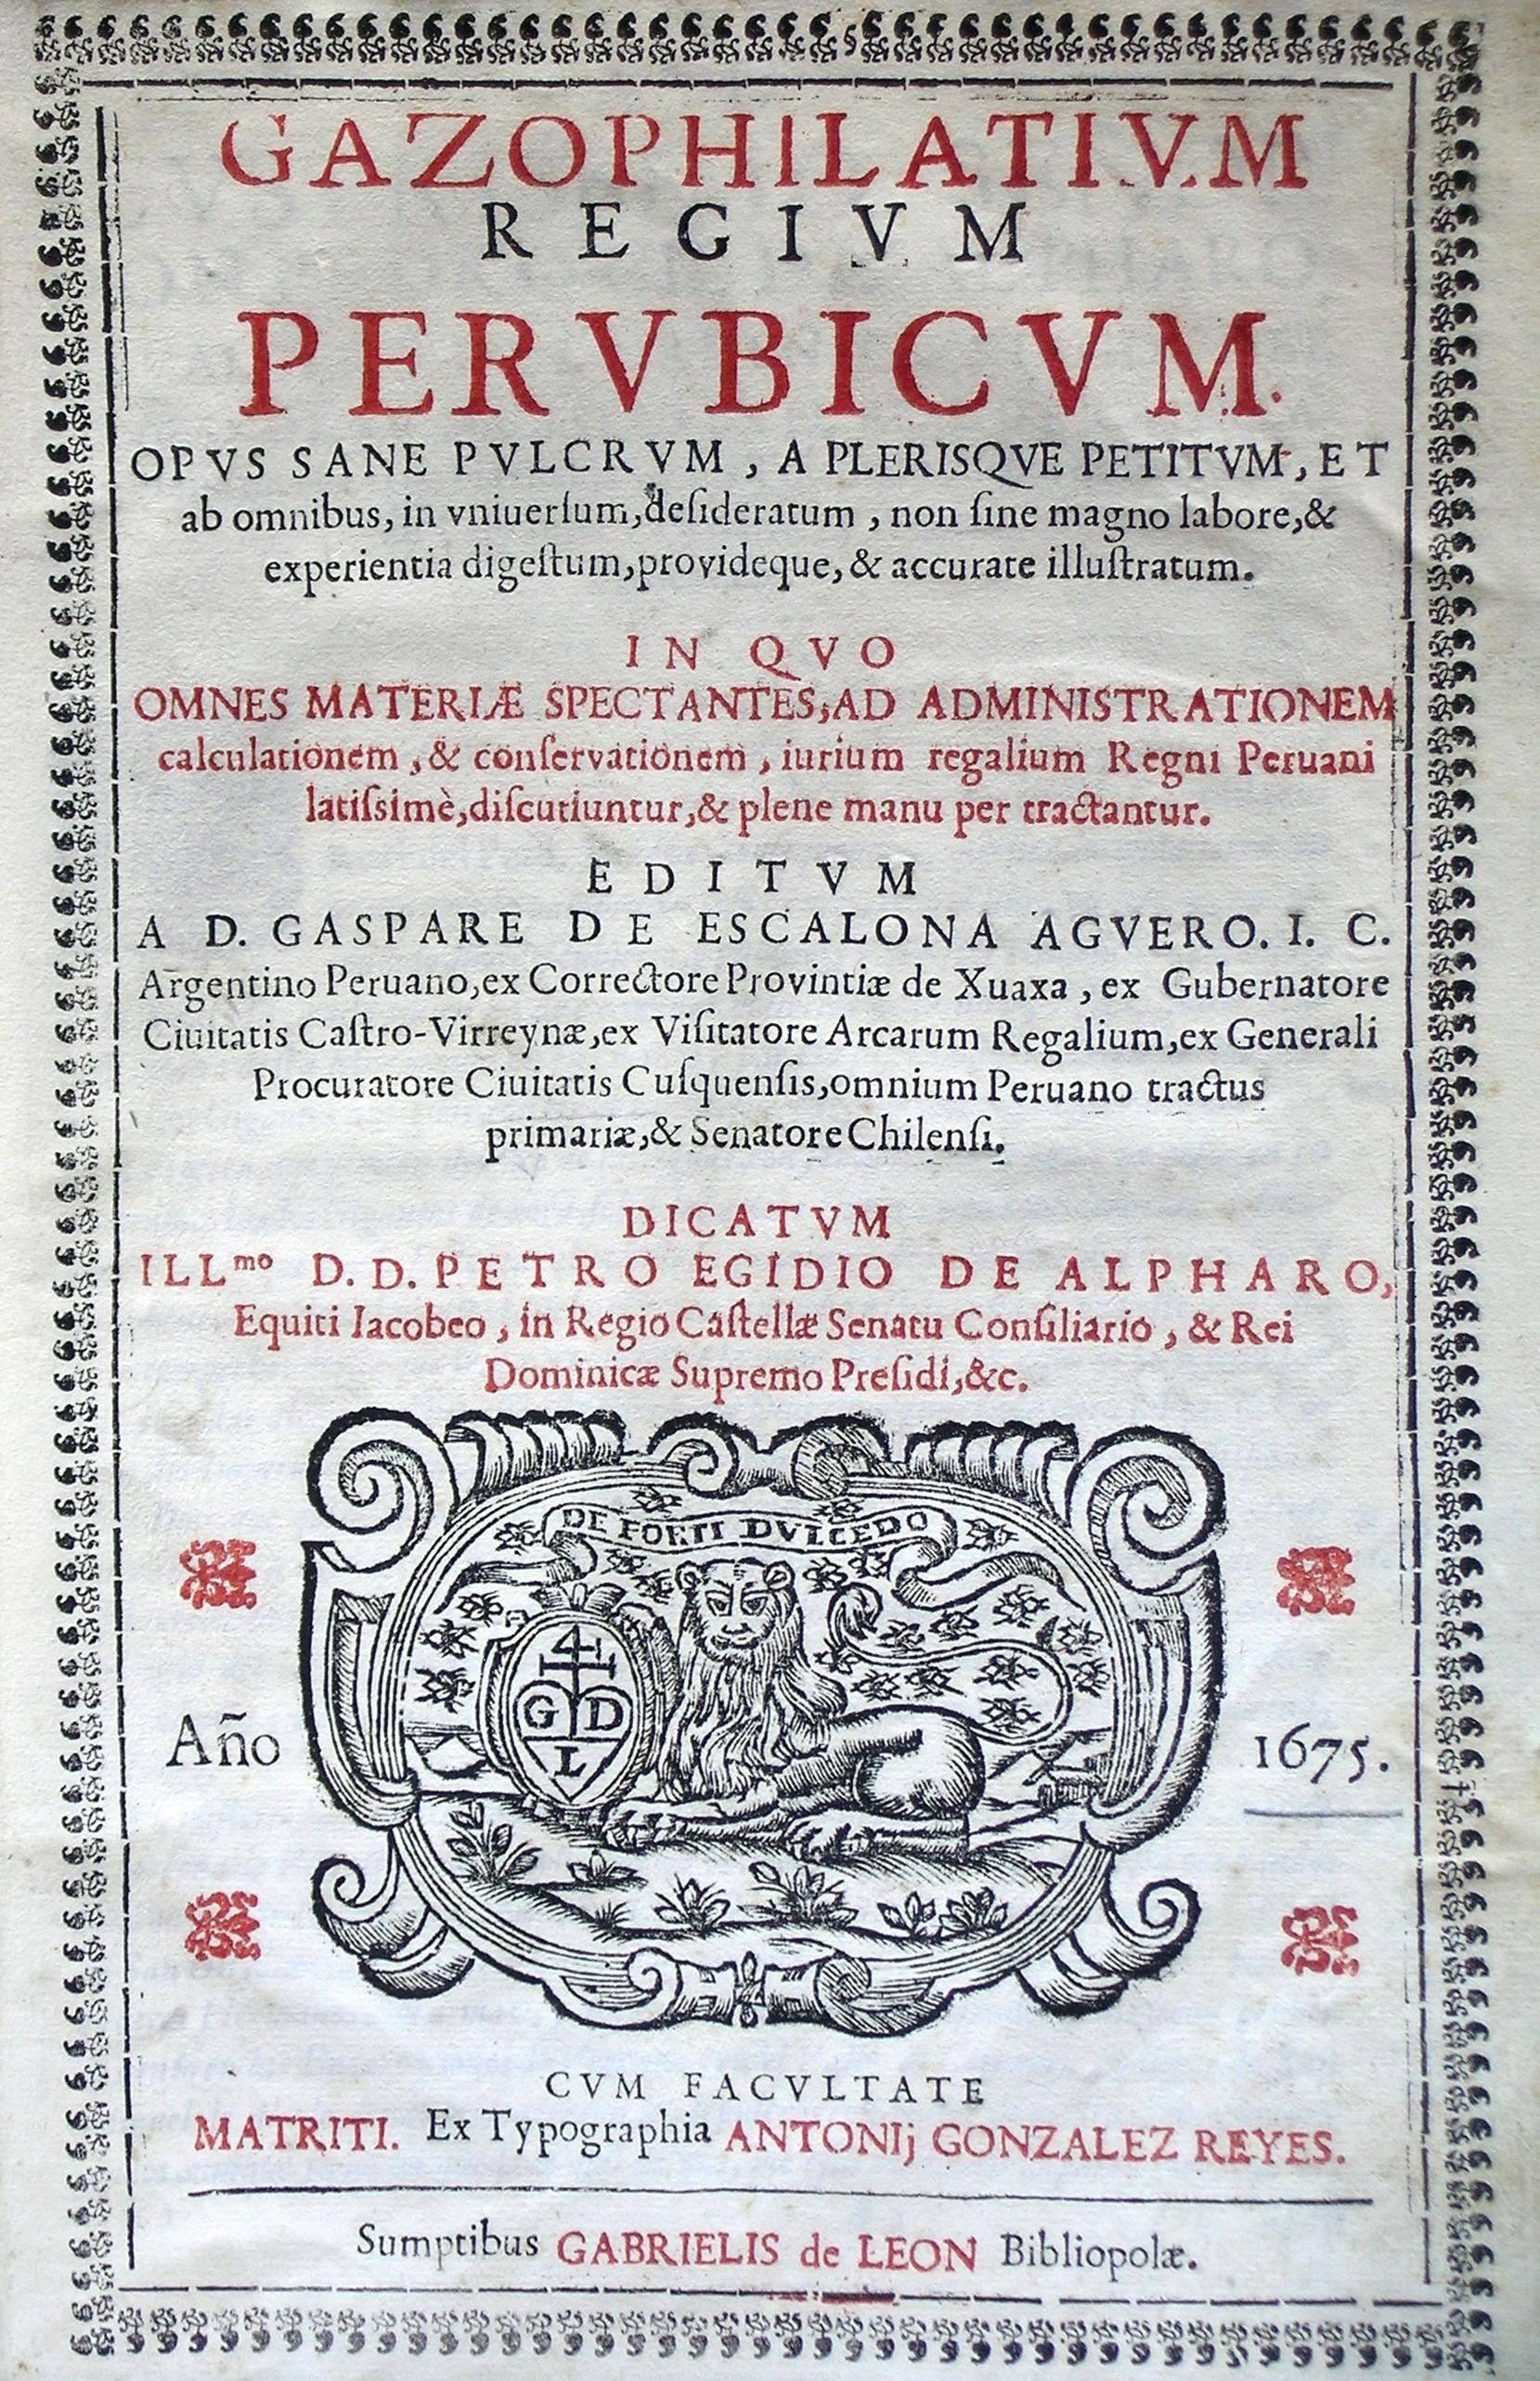 Gazophilatium regium perubicum, 1675